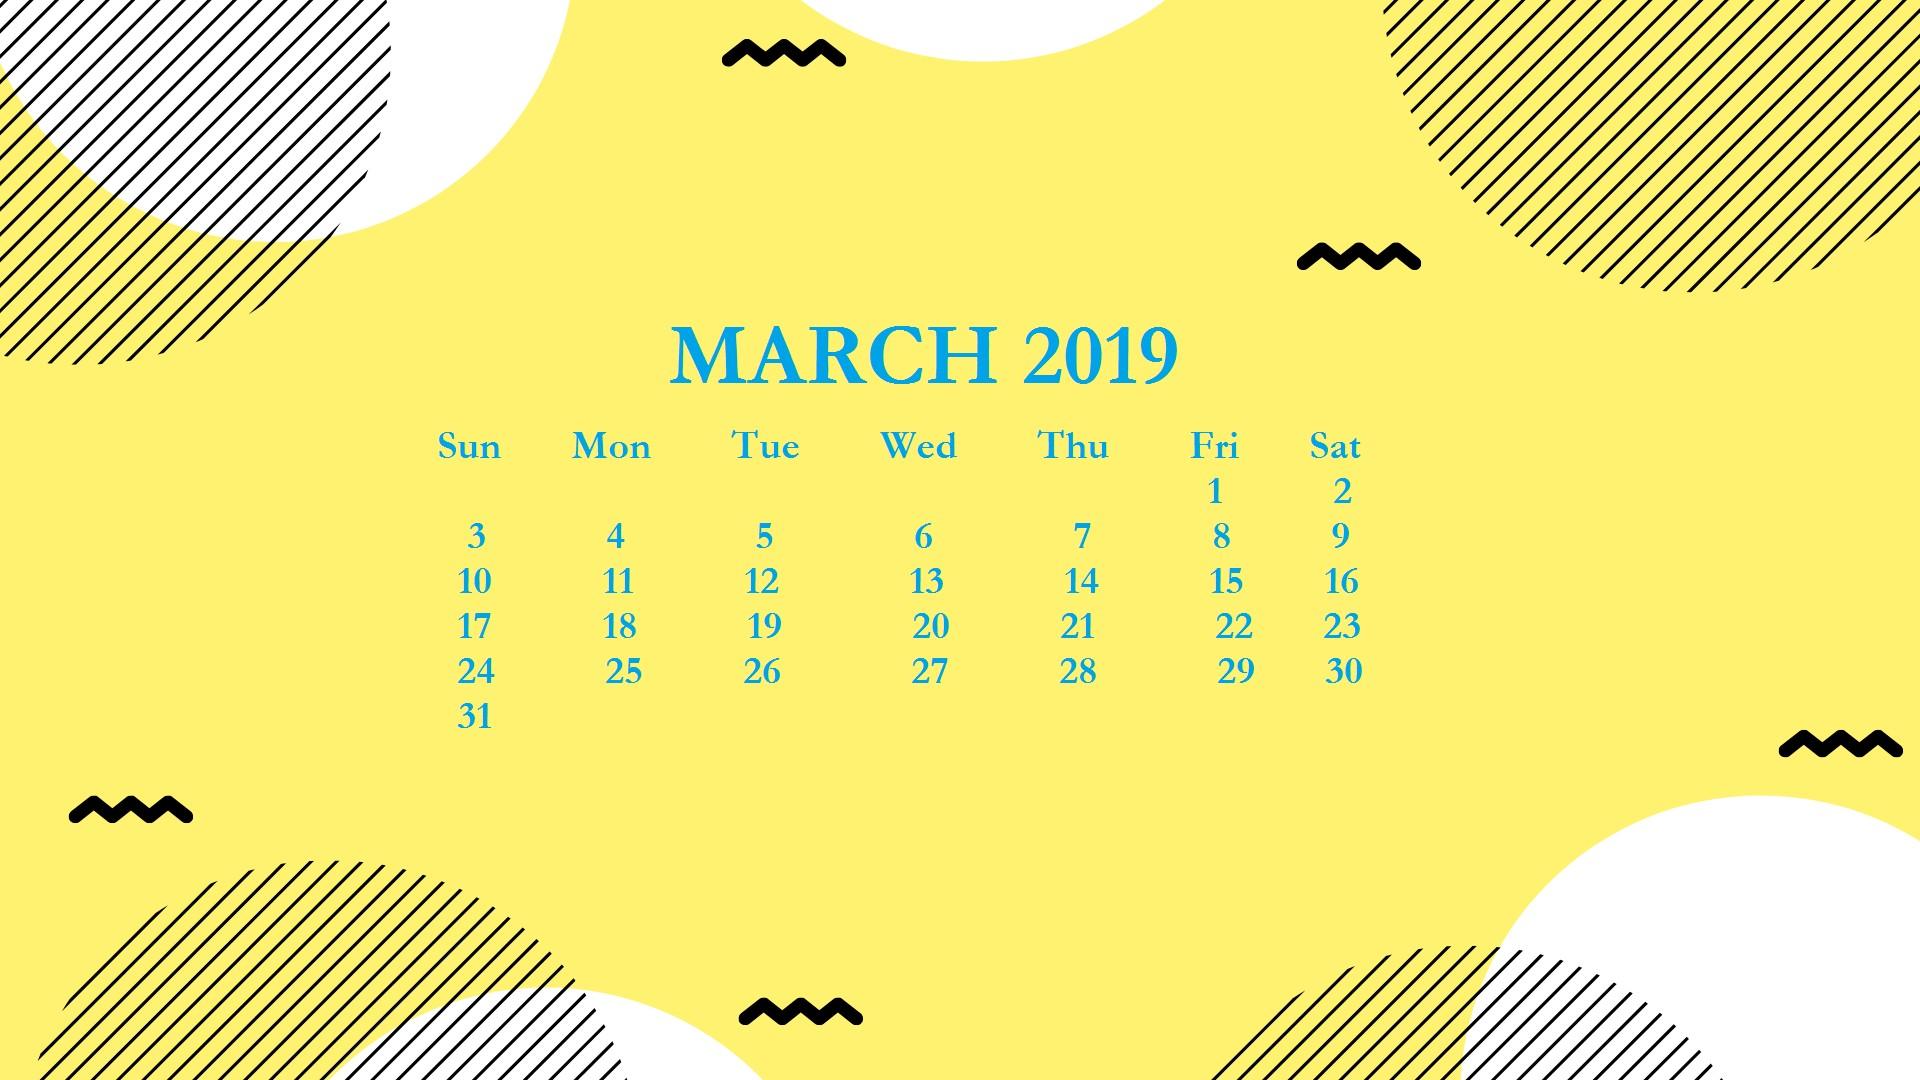 March 2019 Calendar Wallpaper for Desktop March2019 2019Calendar DesktopCalendar